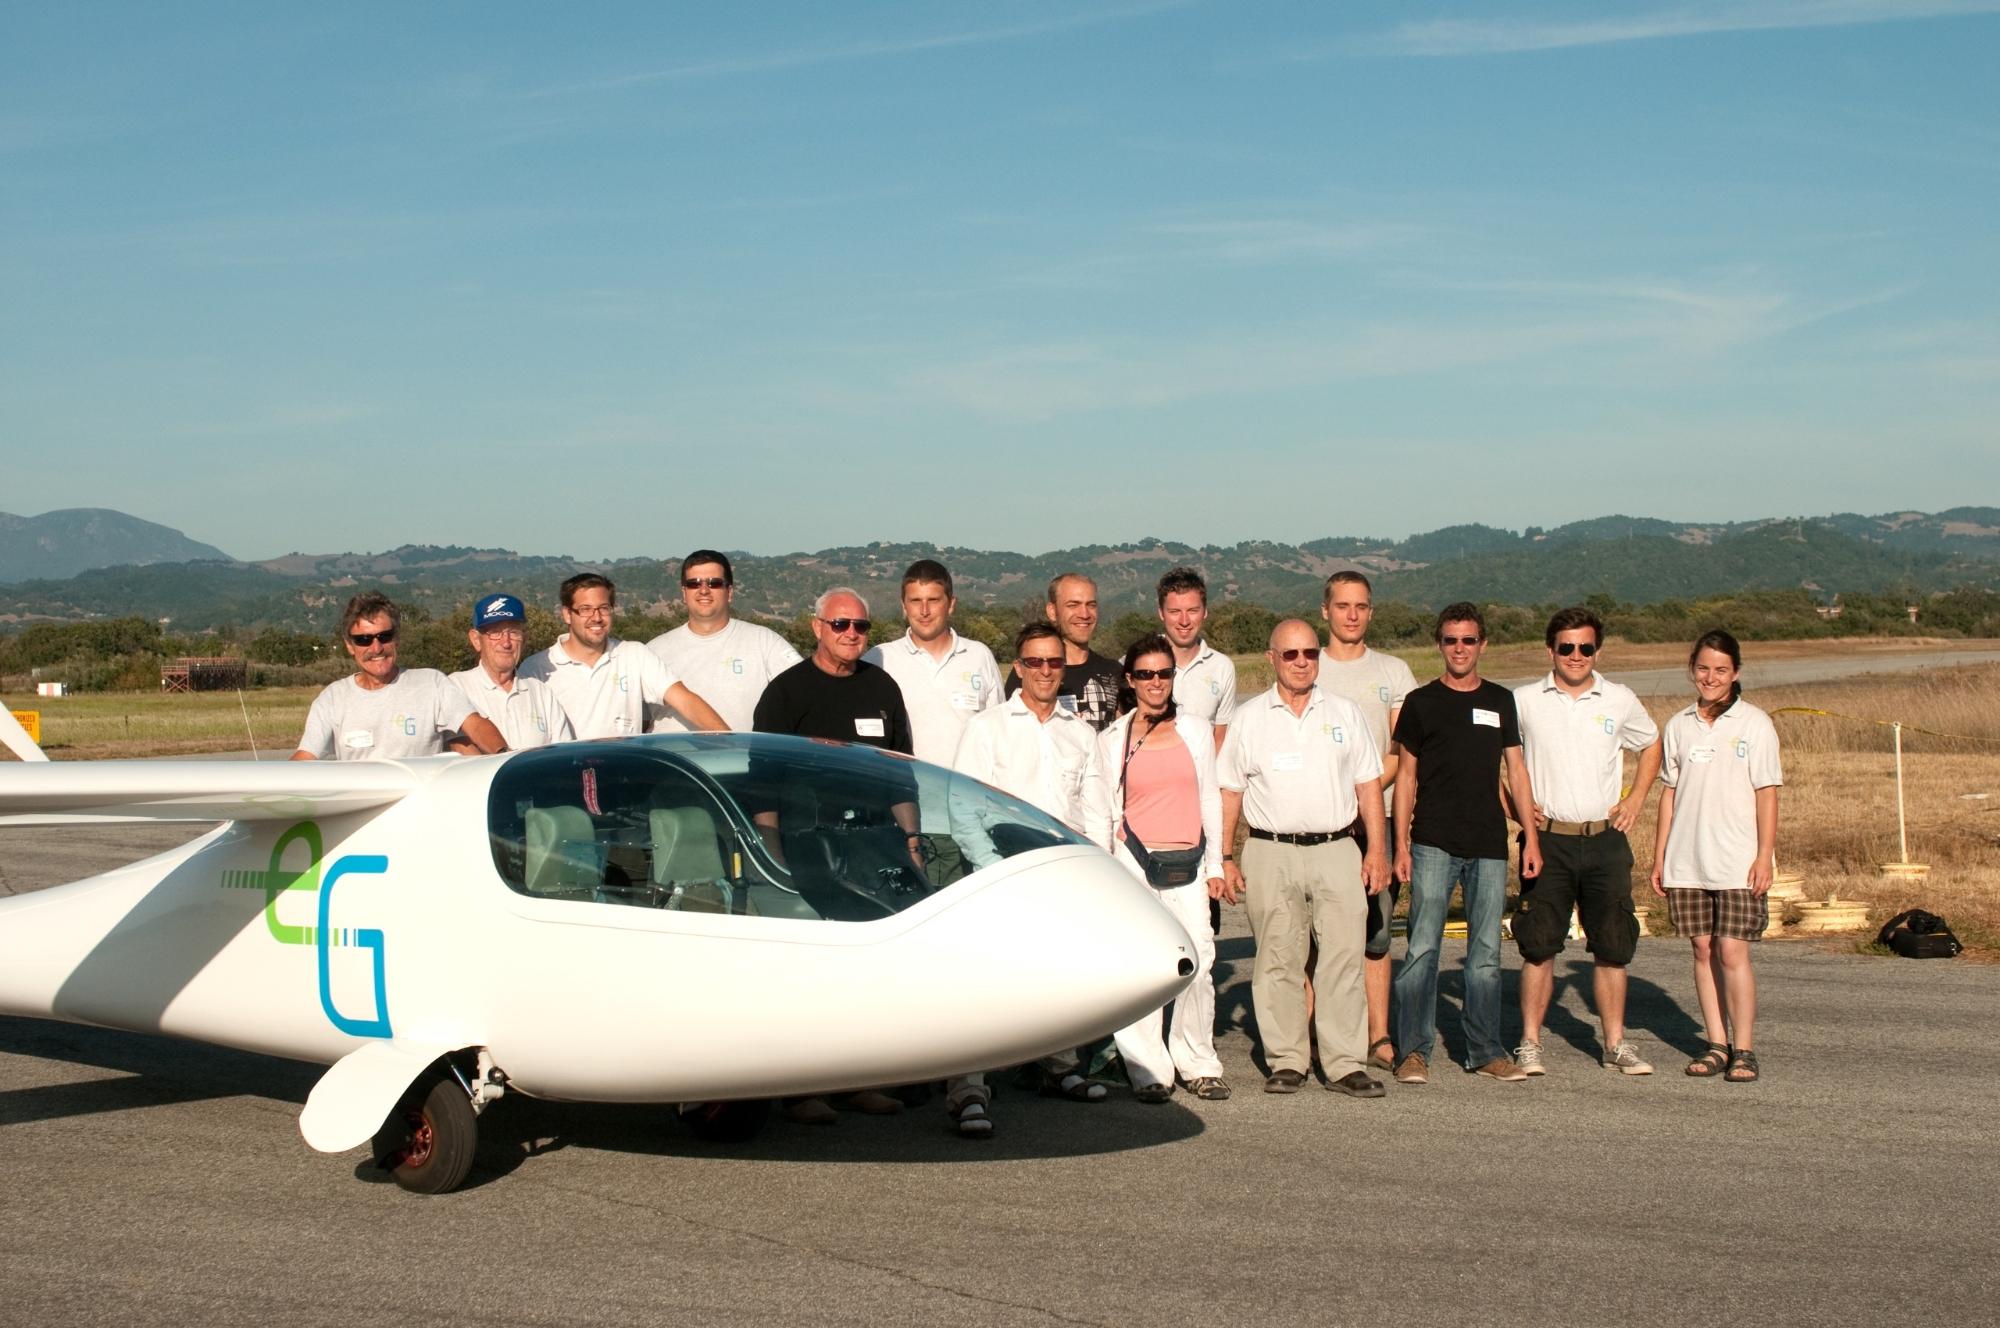 Gruppenfoto der Mitglieder des e-Genius Teams stehen hinter dem Flugzeug e-Genius